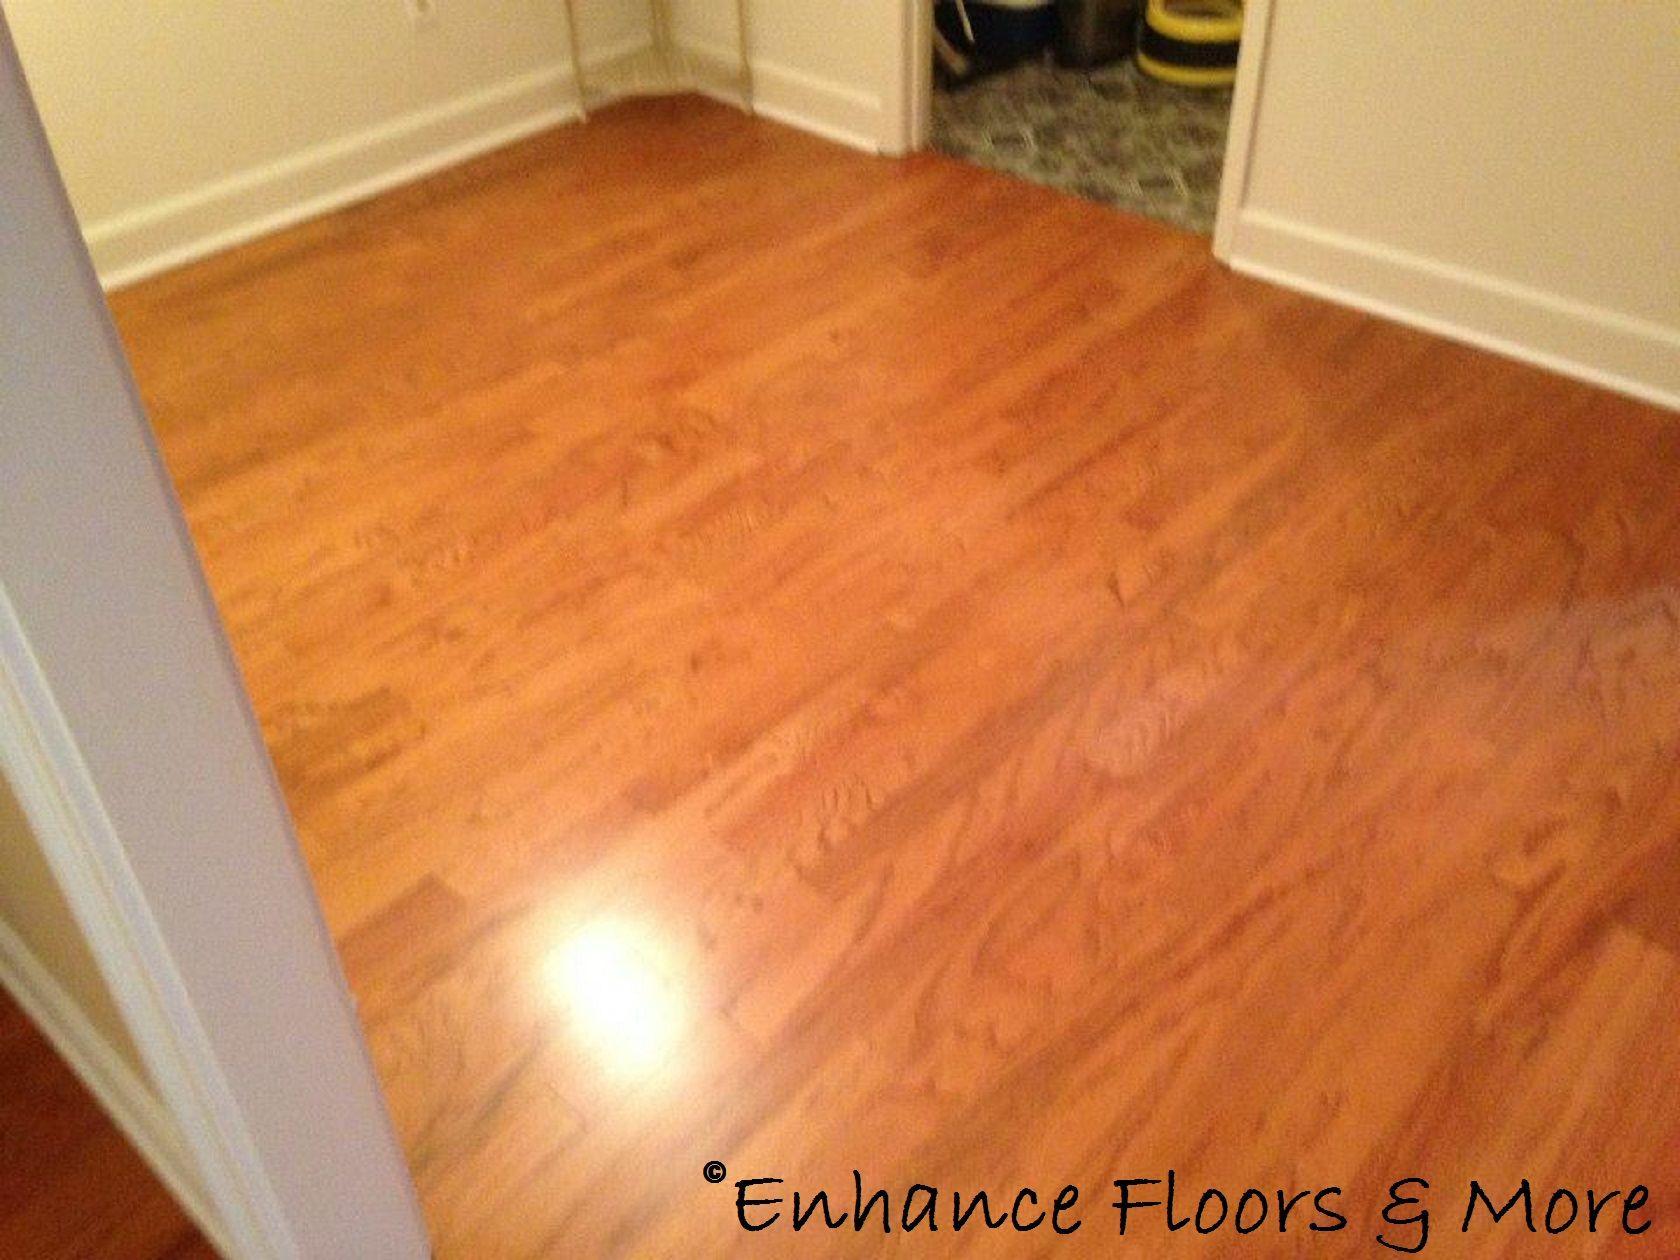 3 8 unfinished hardwood flooring of mohawk flooring prefinished hardwood floor fairlain oak 3 8 x 3 regarding mohawk flooring prefinished hardwood floor fairlain oak 3 8 x 3 color golden